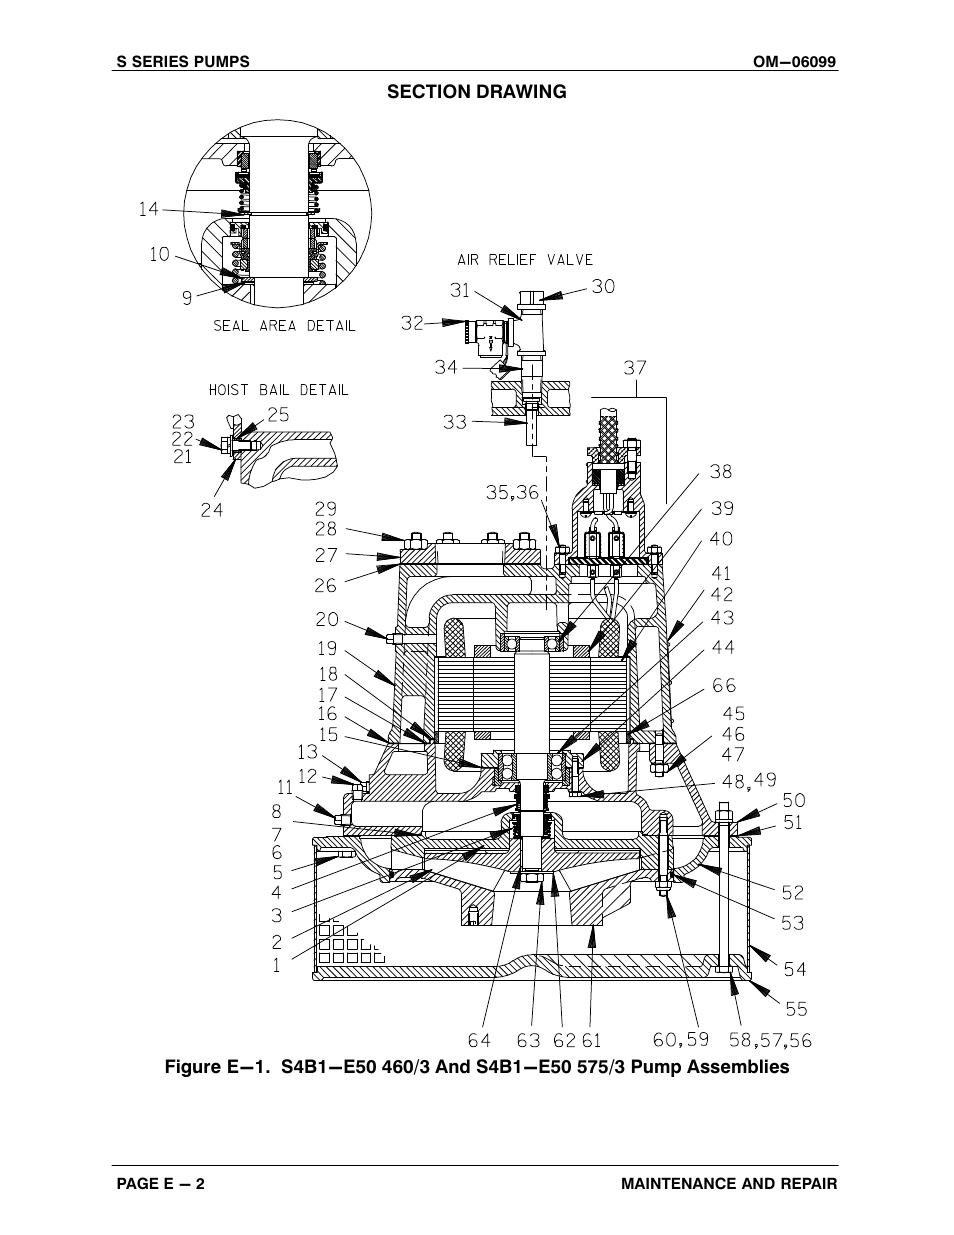 Gorman-Rupp Pumps S4B1-E50 460/3 1396095 and up User